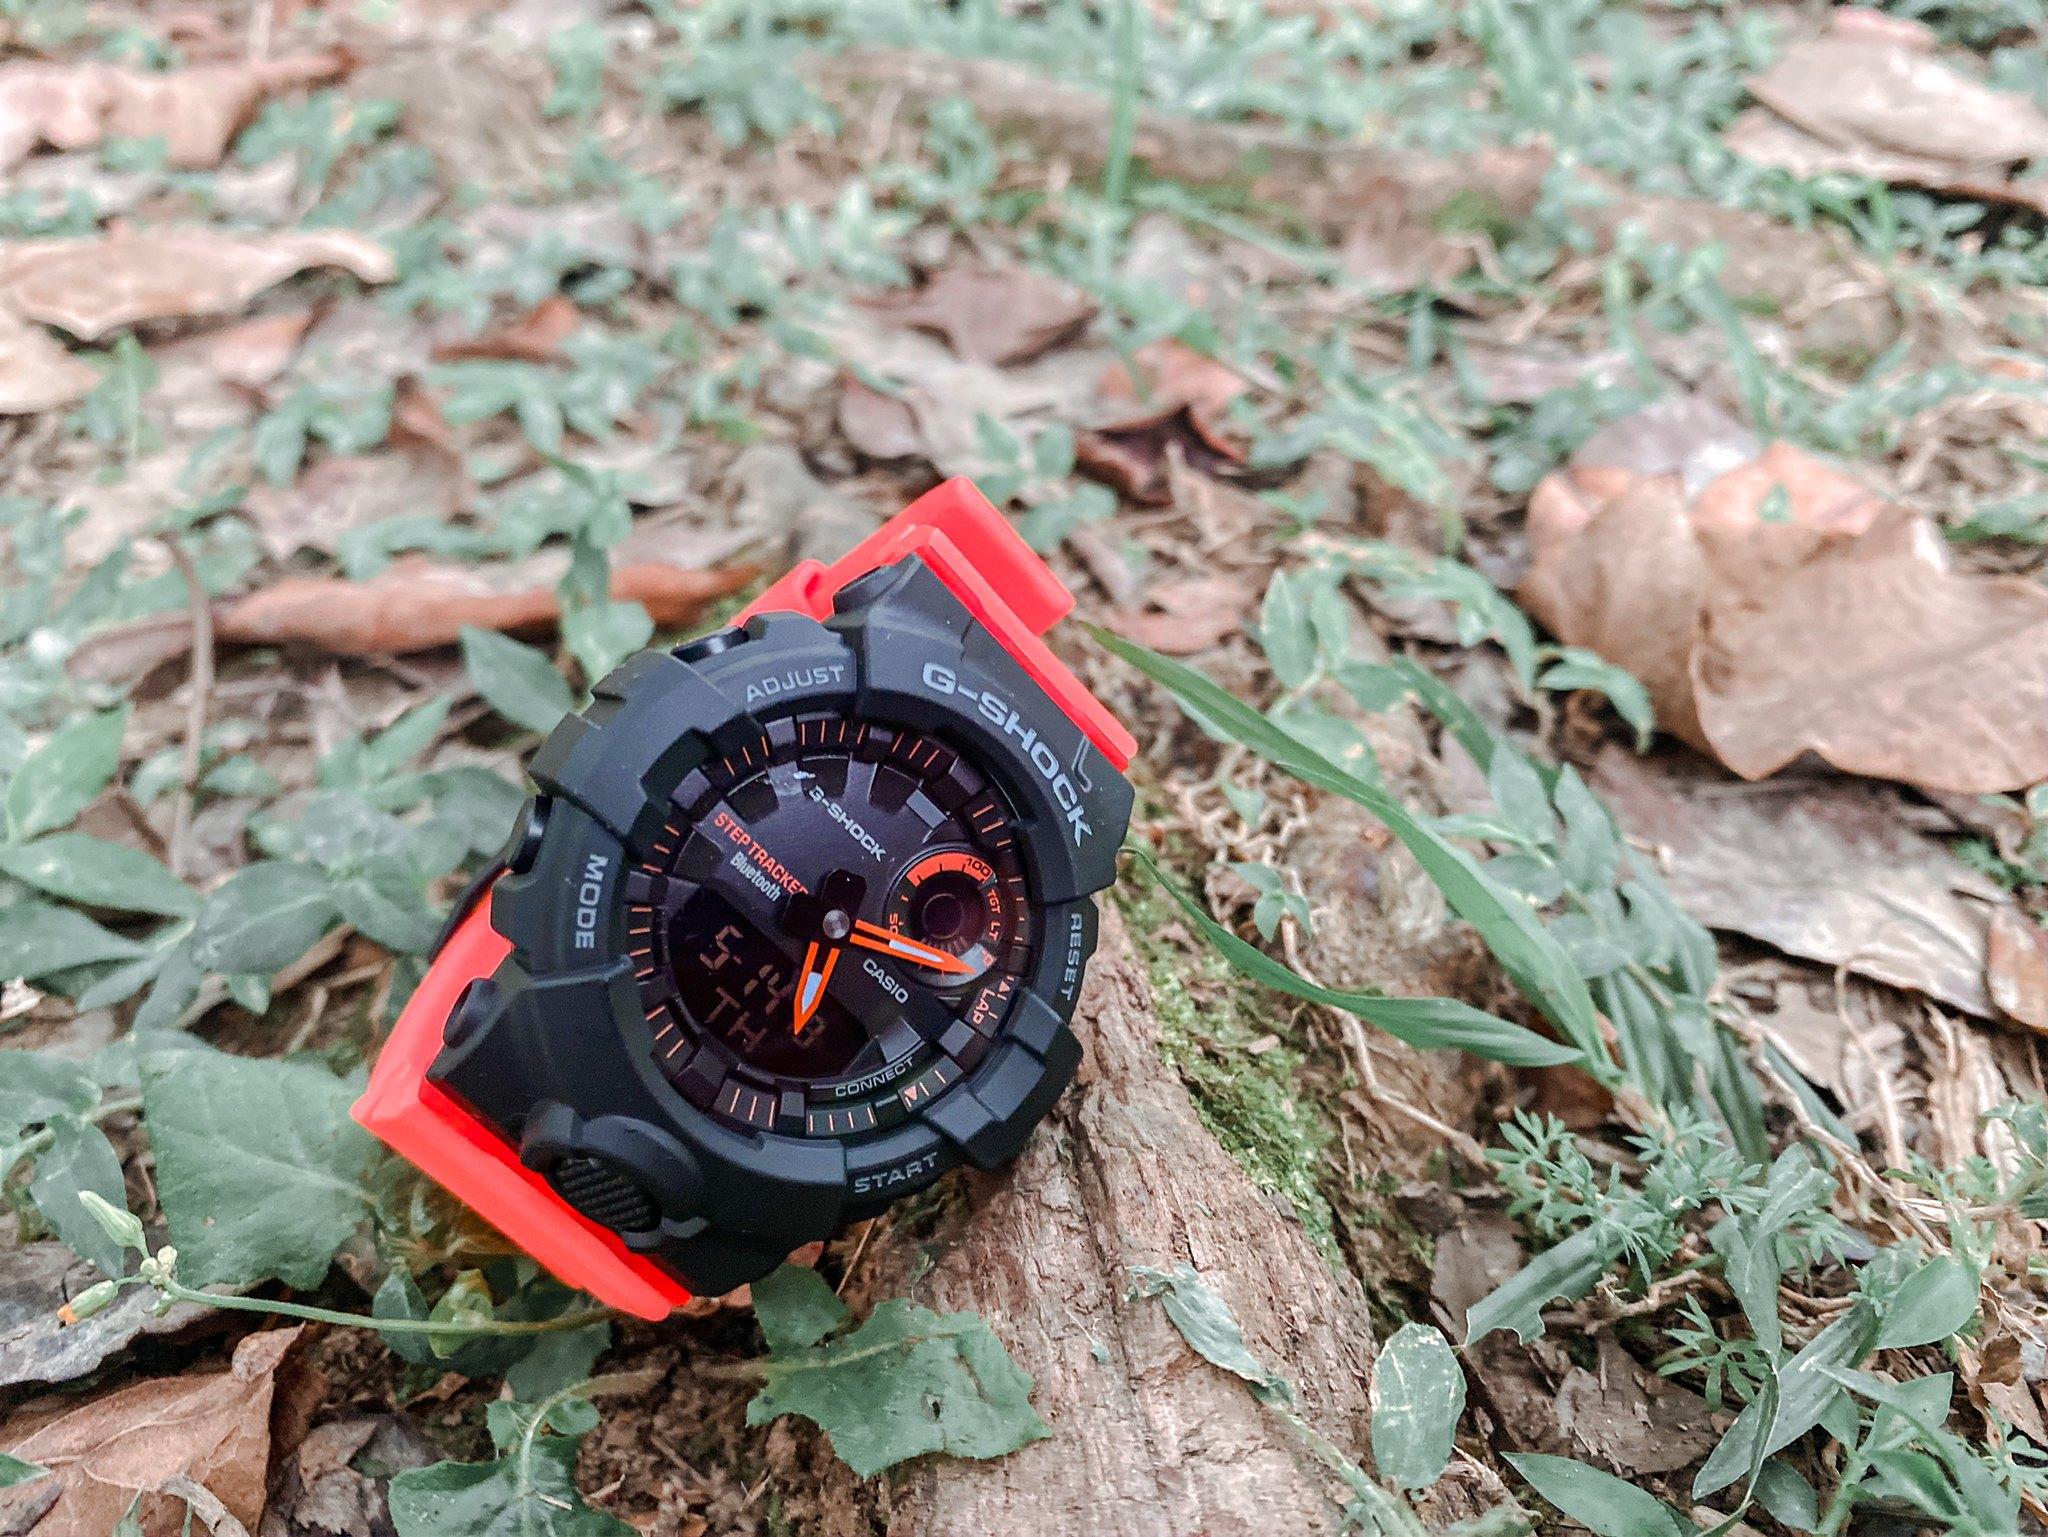 CASIO手錶|卡西歐G-Shock/Baby-G春夏新款手錶開箱穿搭